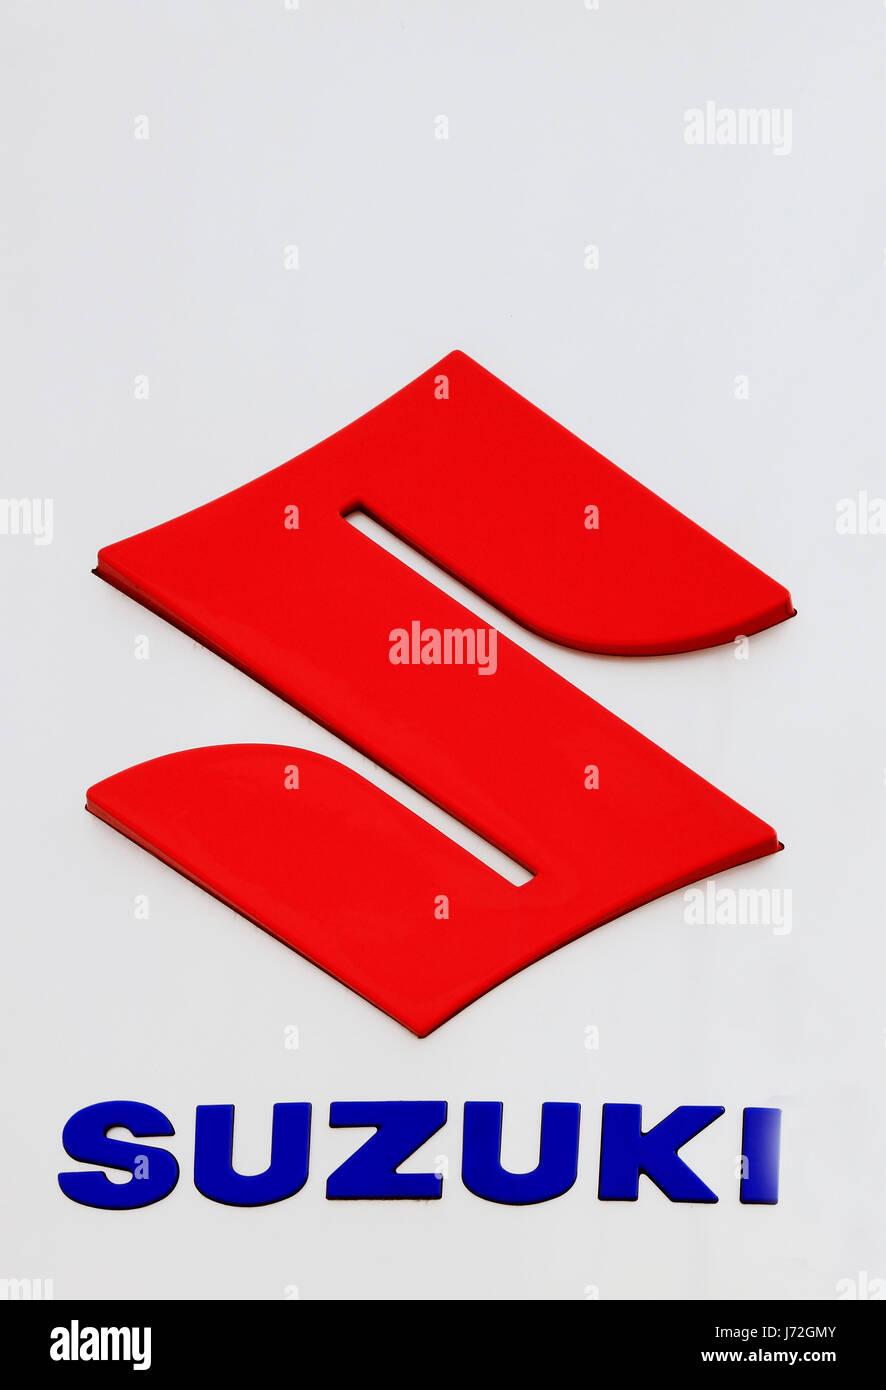 Cars Logo Stock Photos Amp Cars Logo Stock Images Alamy